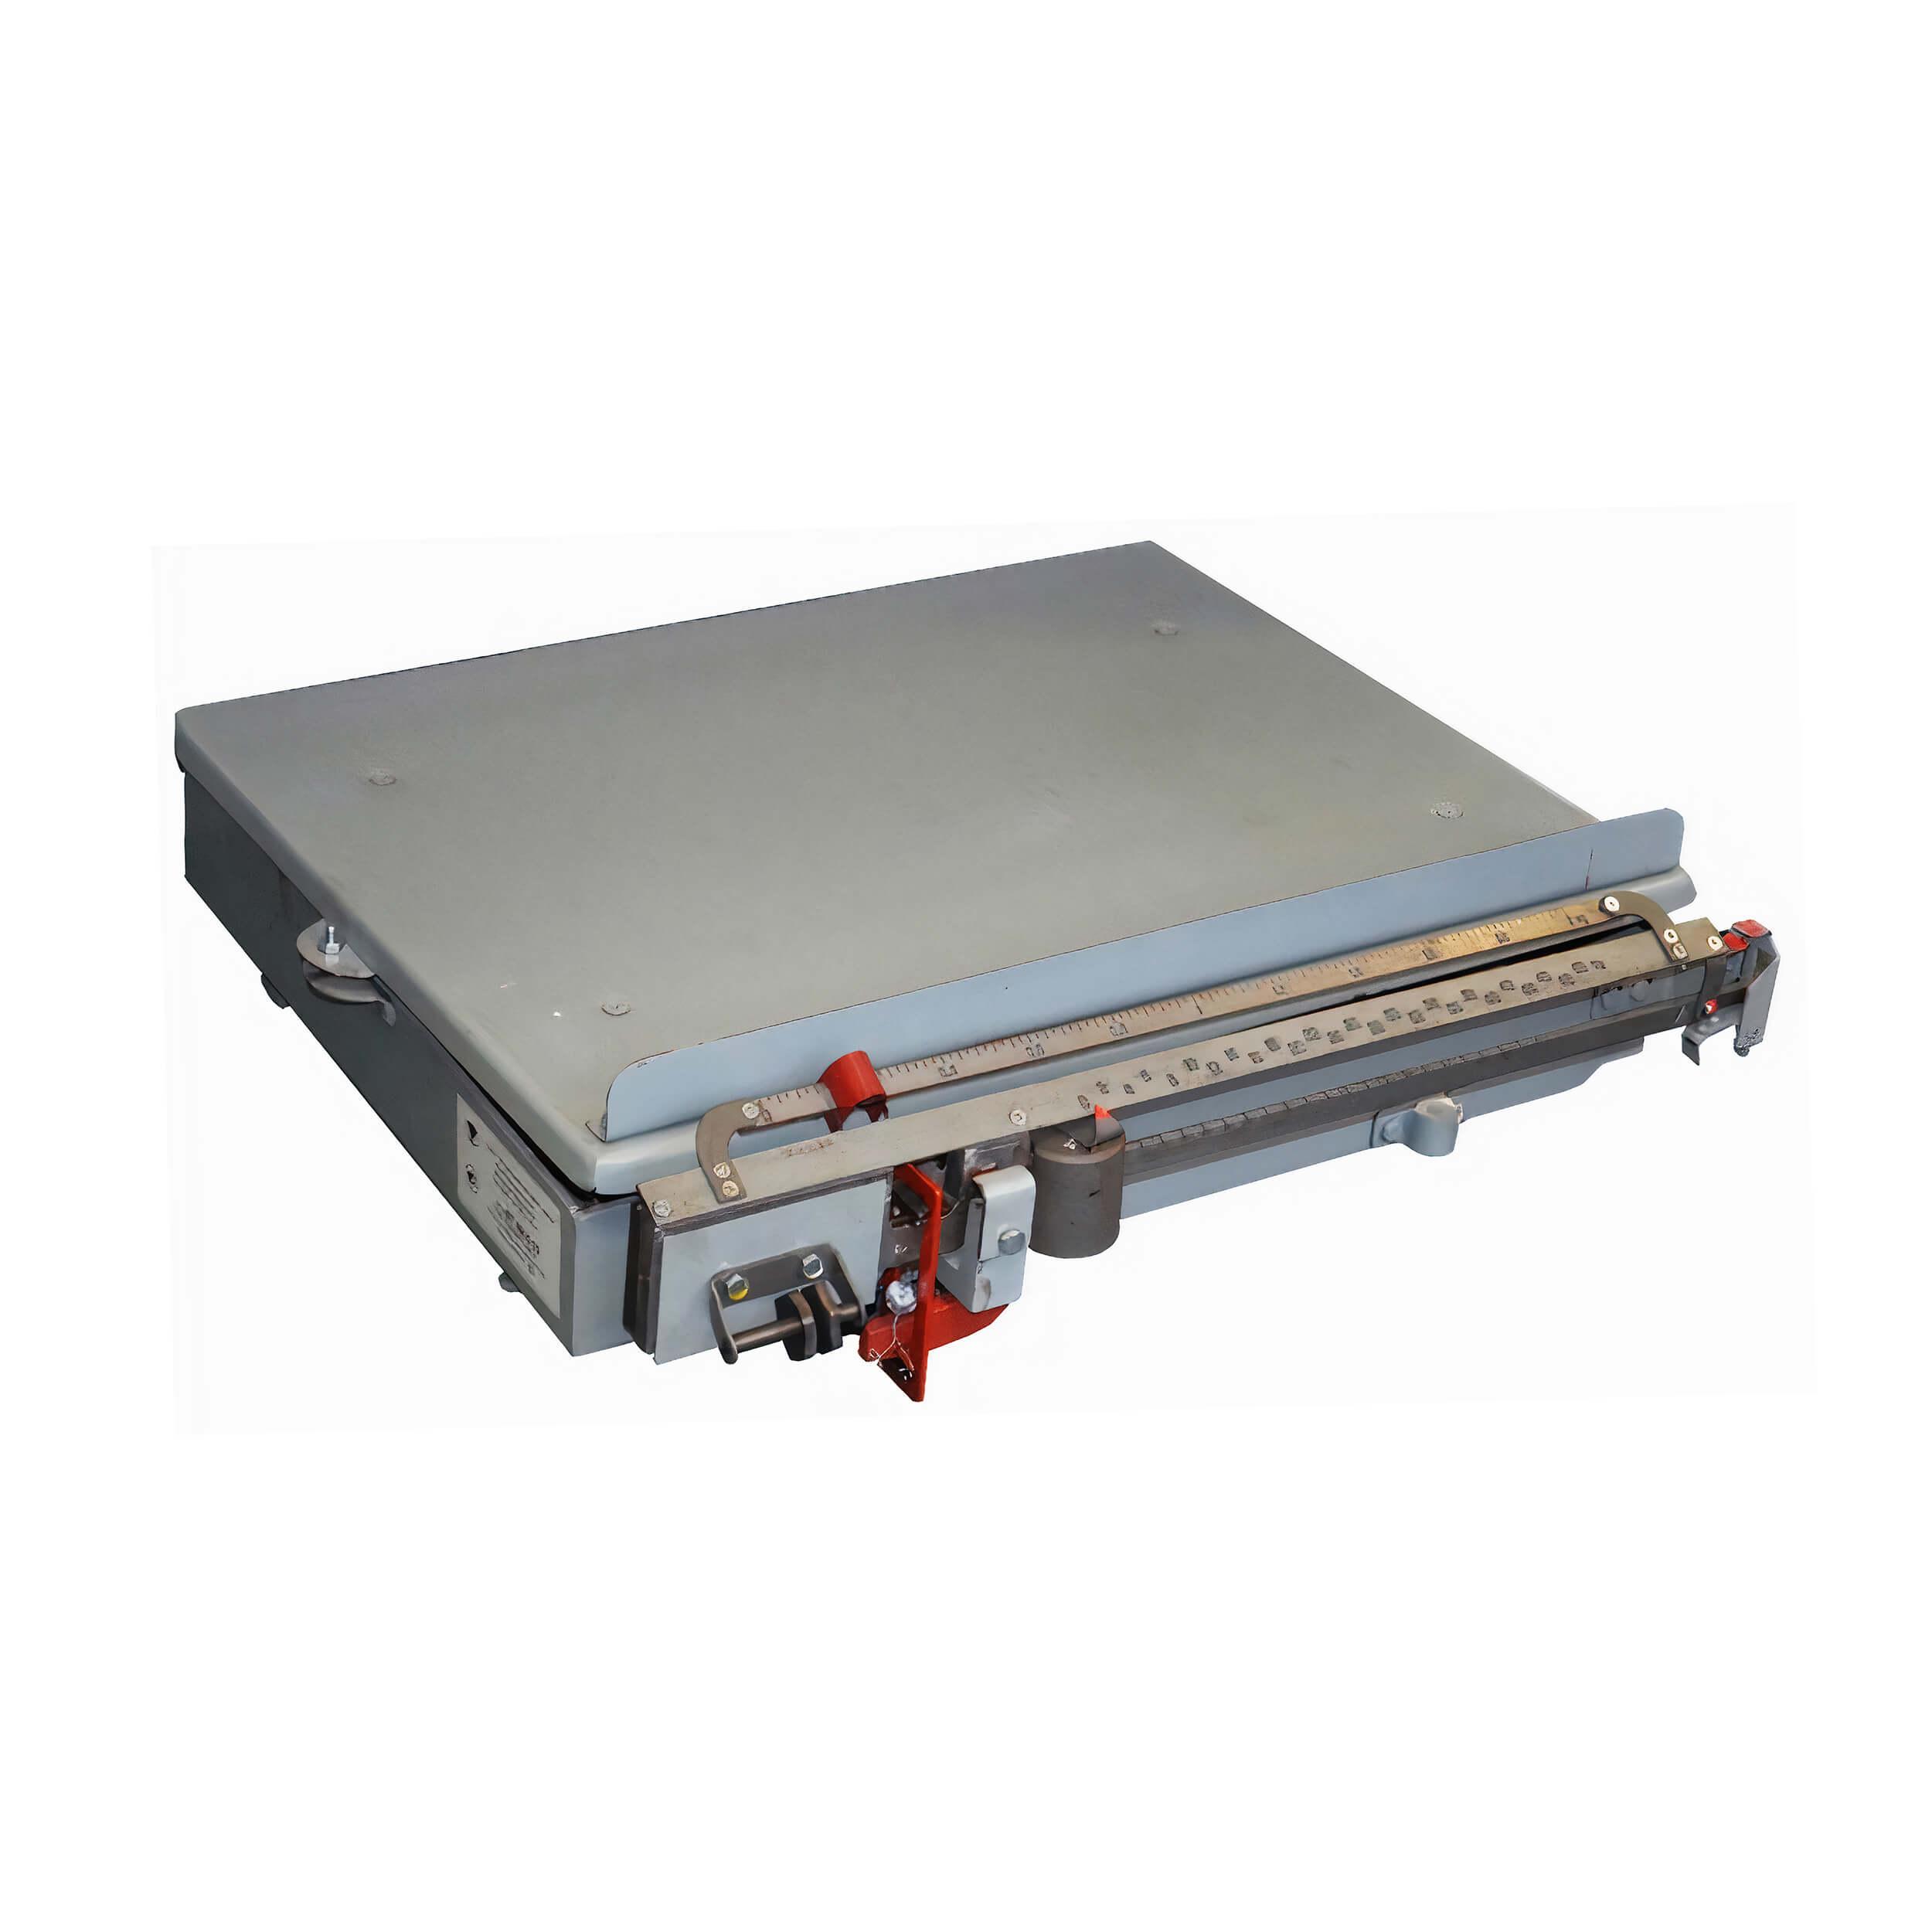 Весы контрольные для улья (до 200 кг, нержавейка платформа 610х620 мм) фото